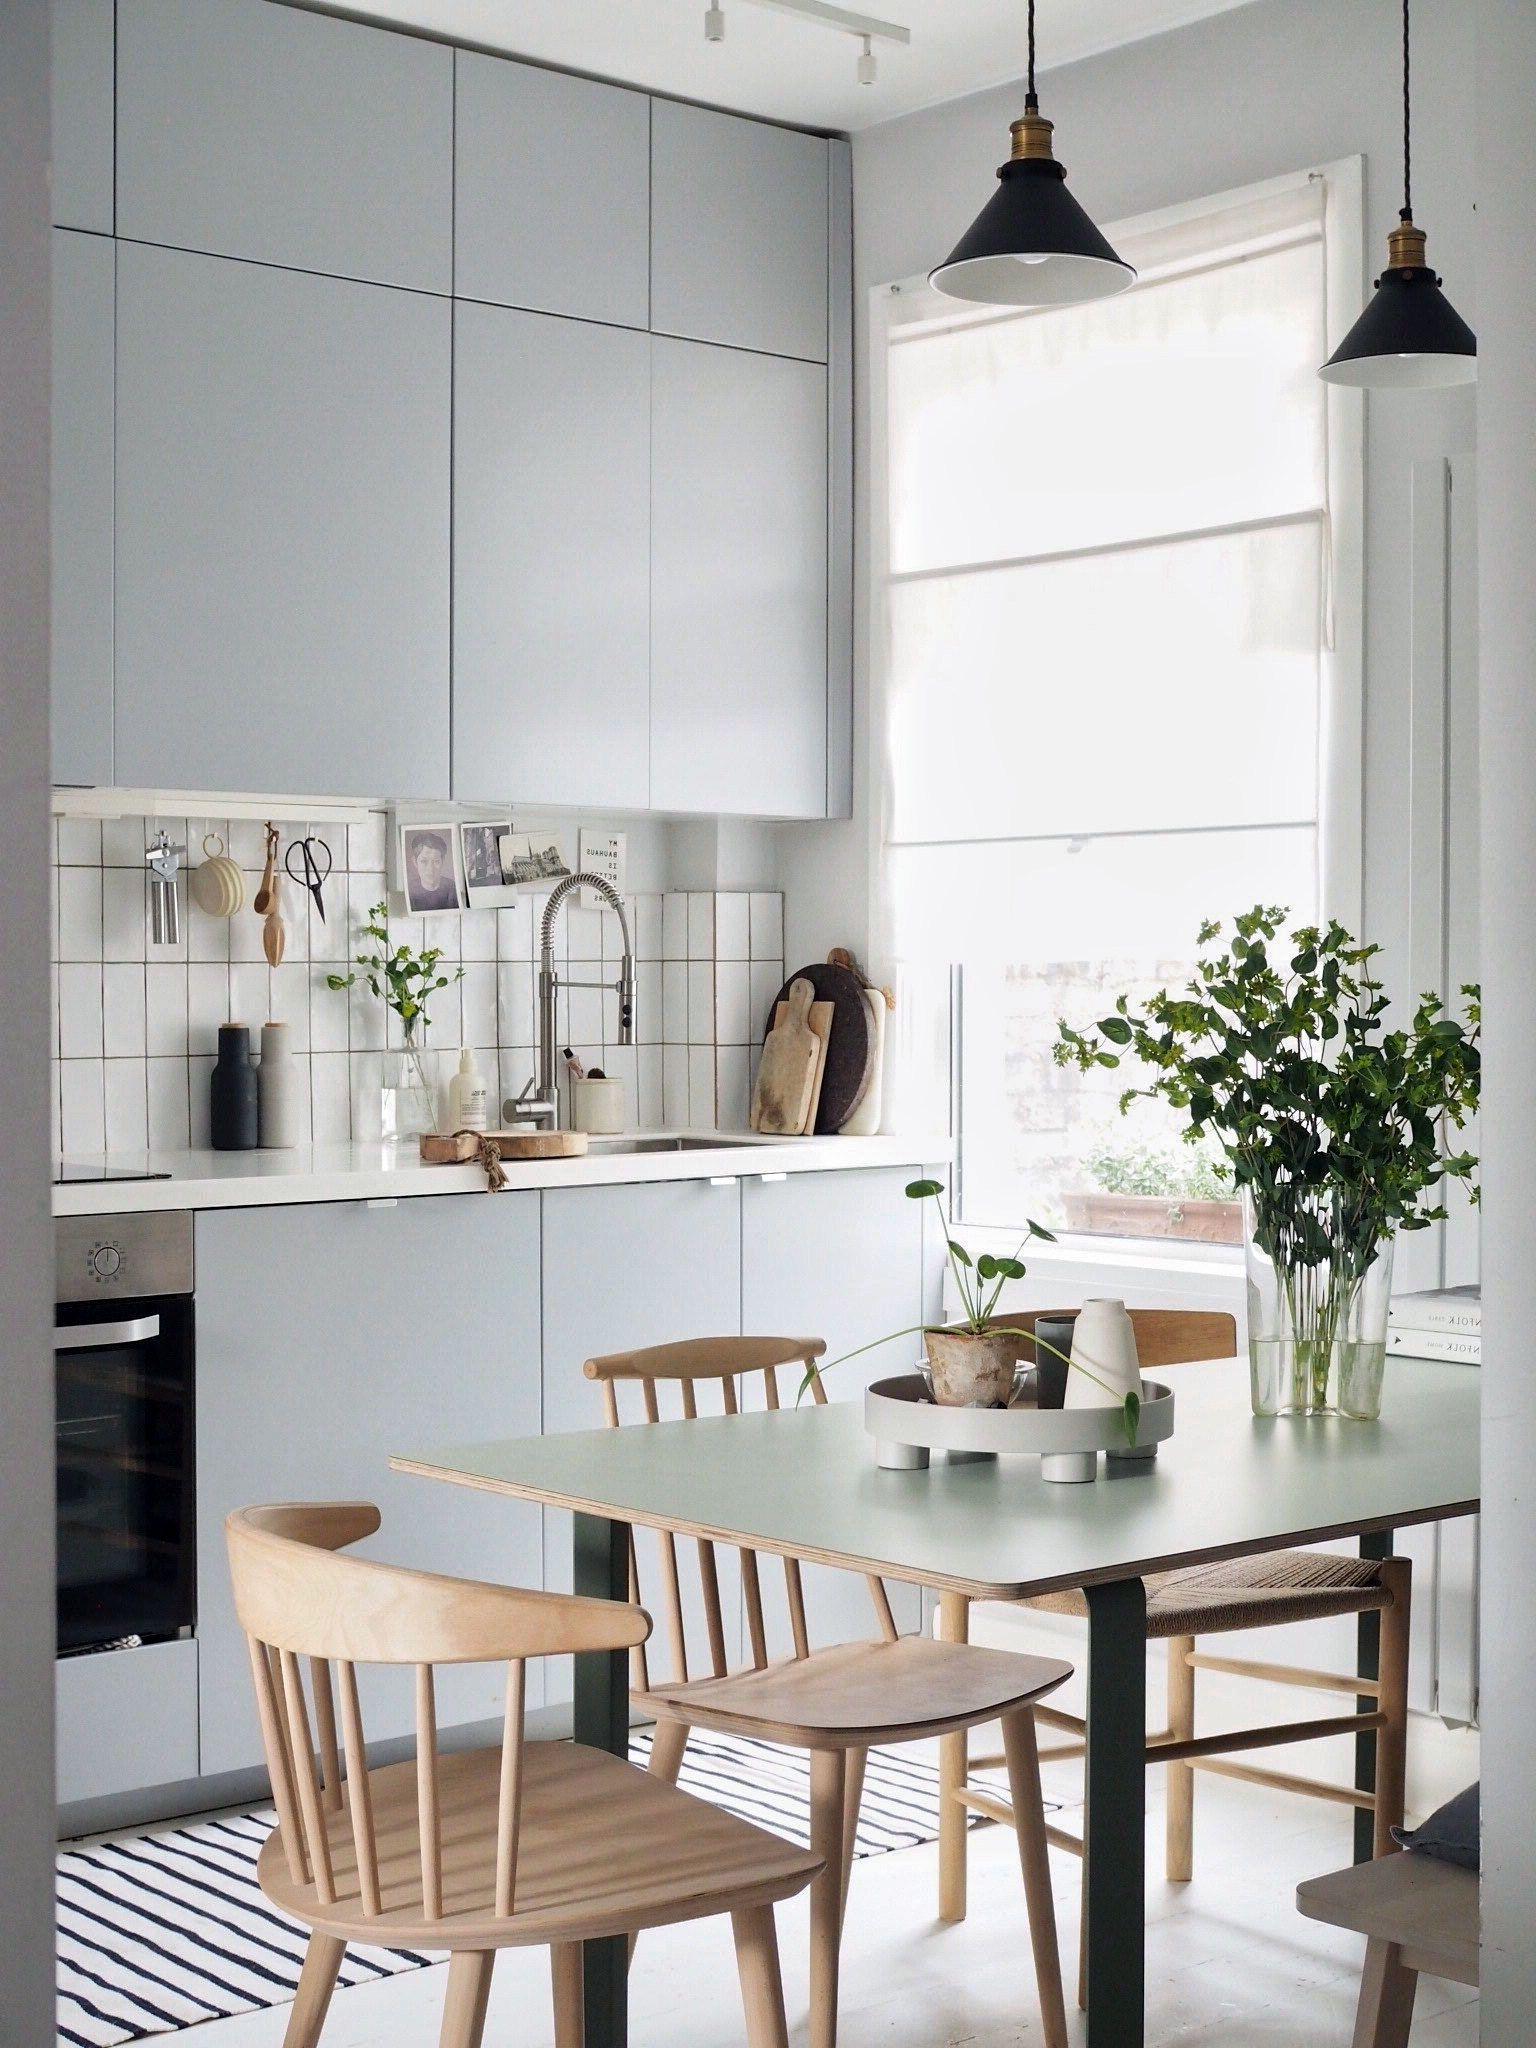 34 Fancy Scandinavian Kitchen Interior Ideas Which Will Make You Stunned In 2020 Scandinavian Interior Kitchen Scandinavian Kitchen Scandinavian Home